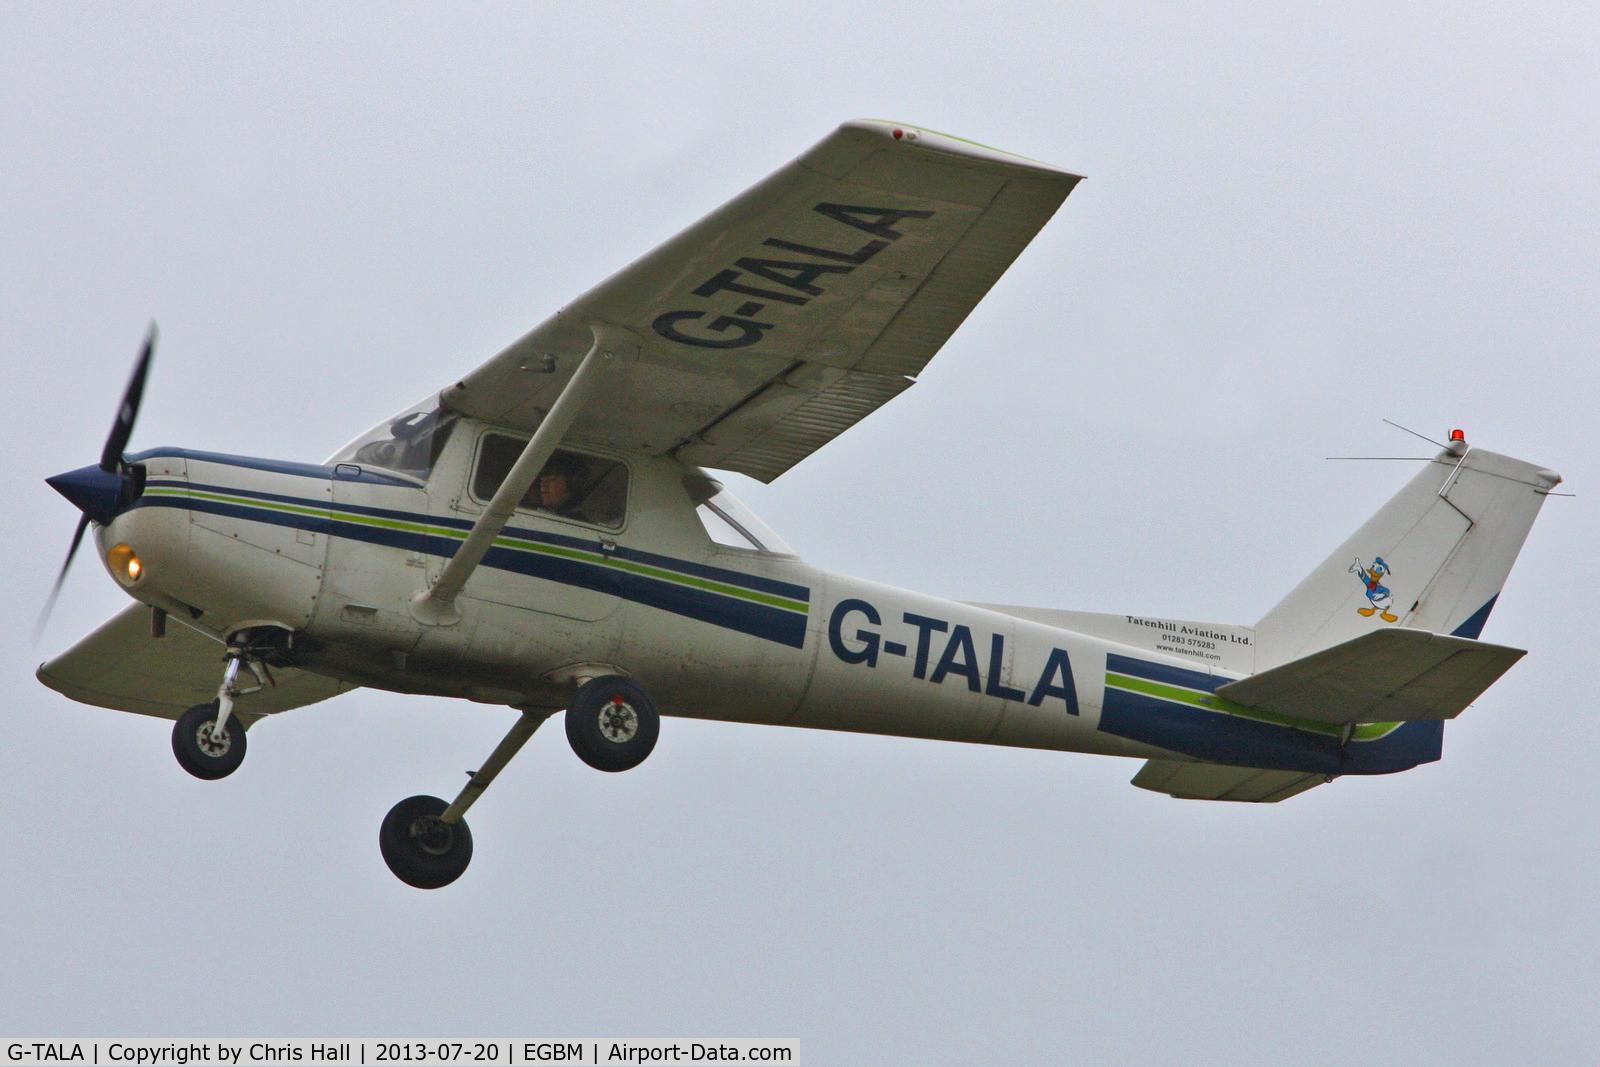 G-TALA, 1981 Cessna 152 C/N 152-85134, Tatenhill Aviation